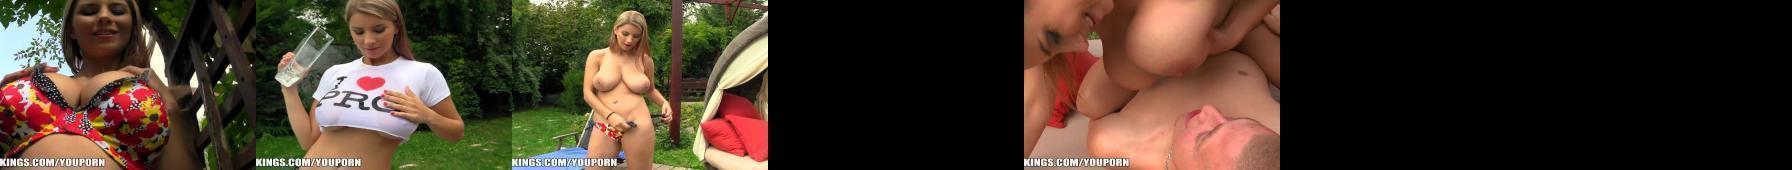 duże jędre cycuszki, zgrabne ciało